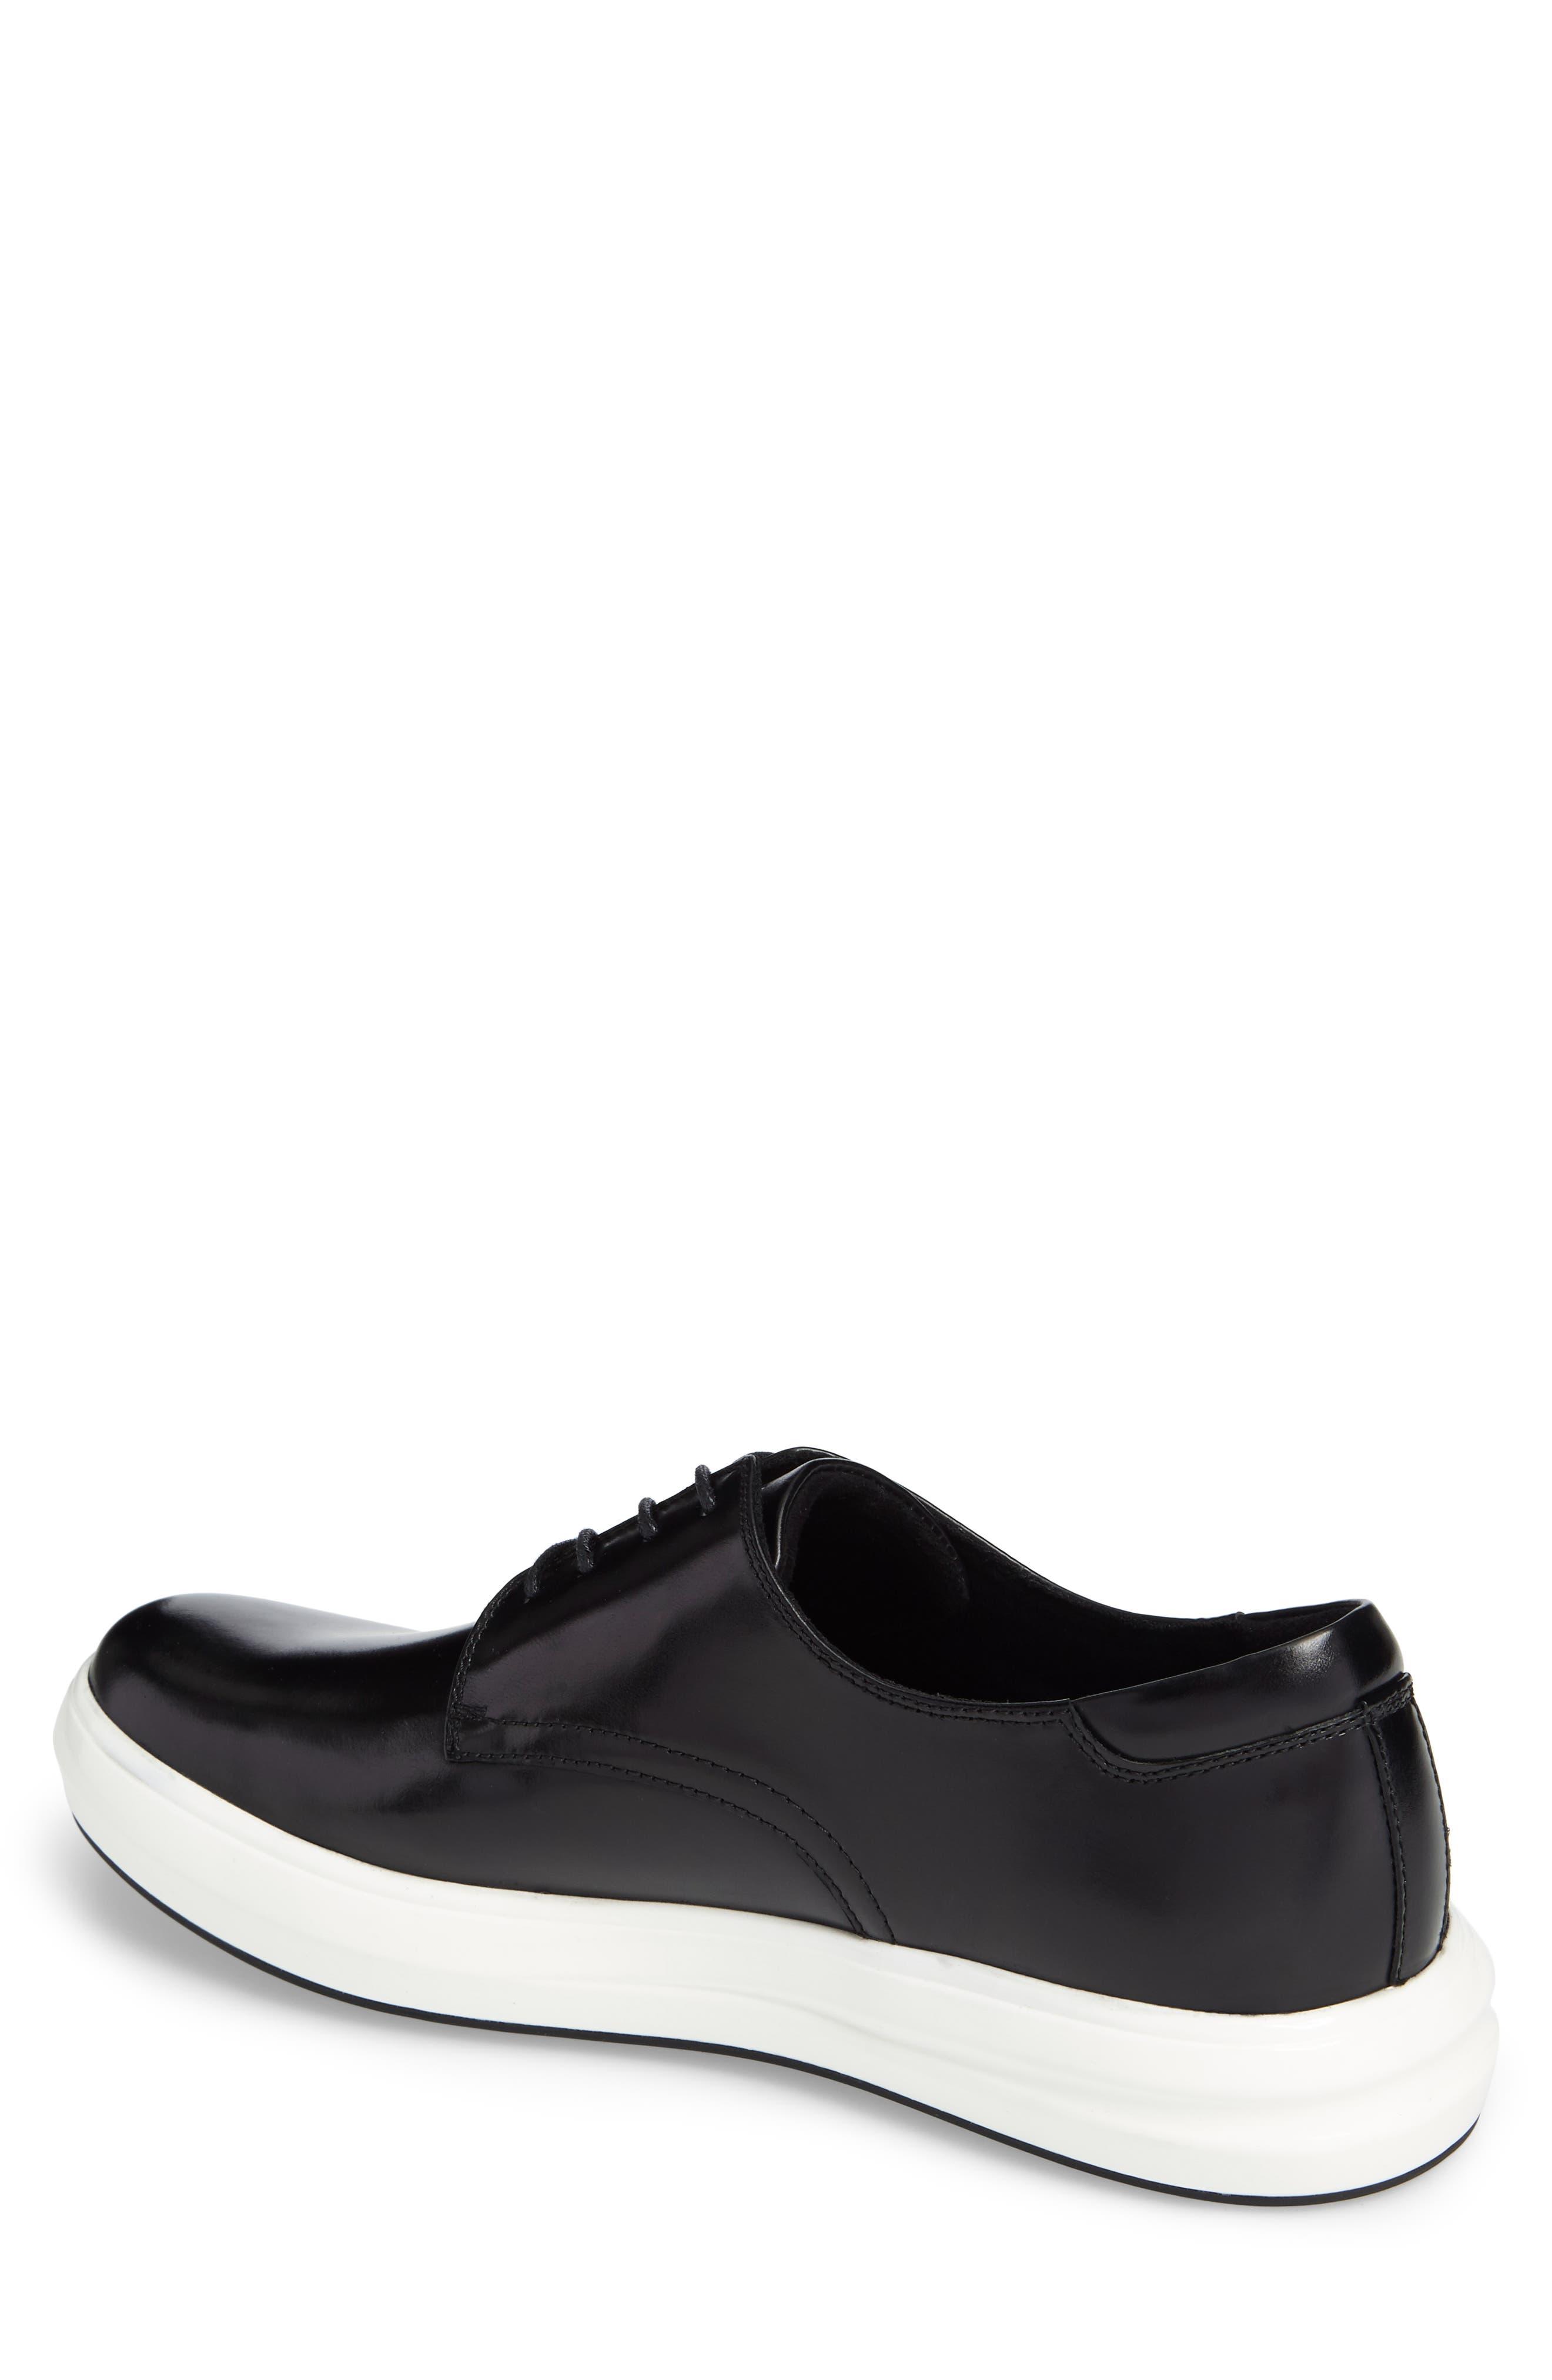 Alternate Image 2  - Kenneth Cole New York Sneaker (Men)